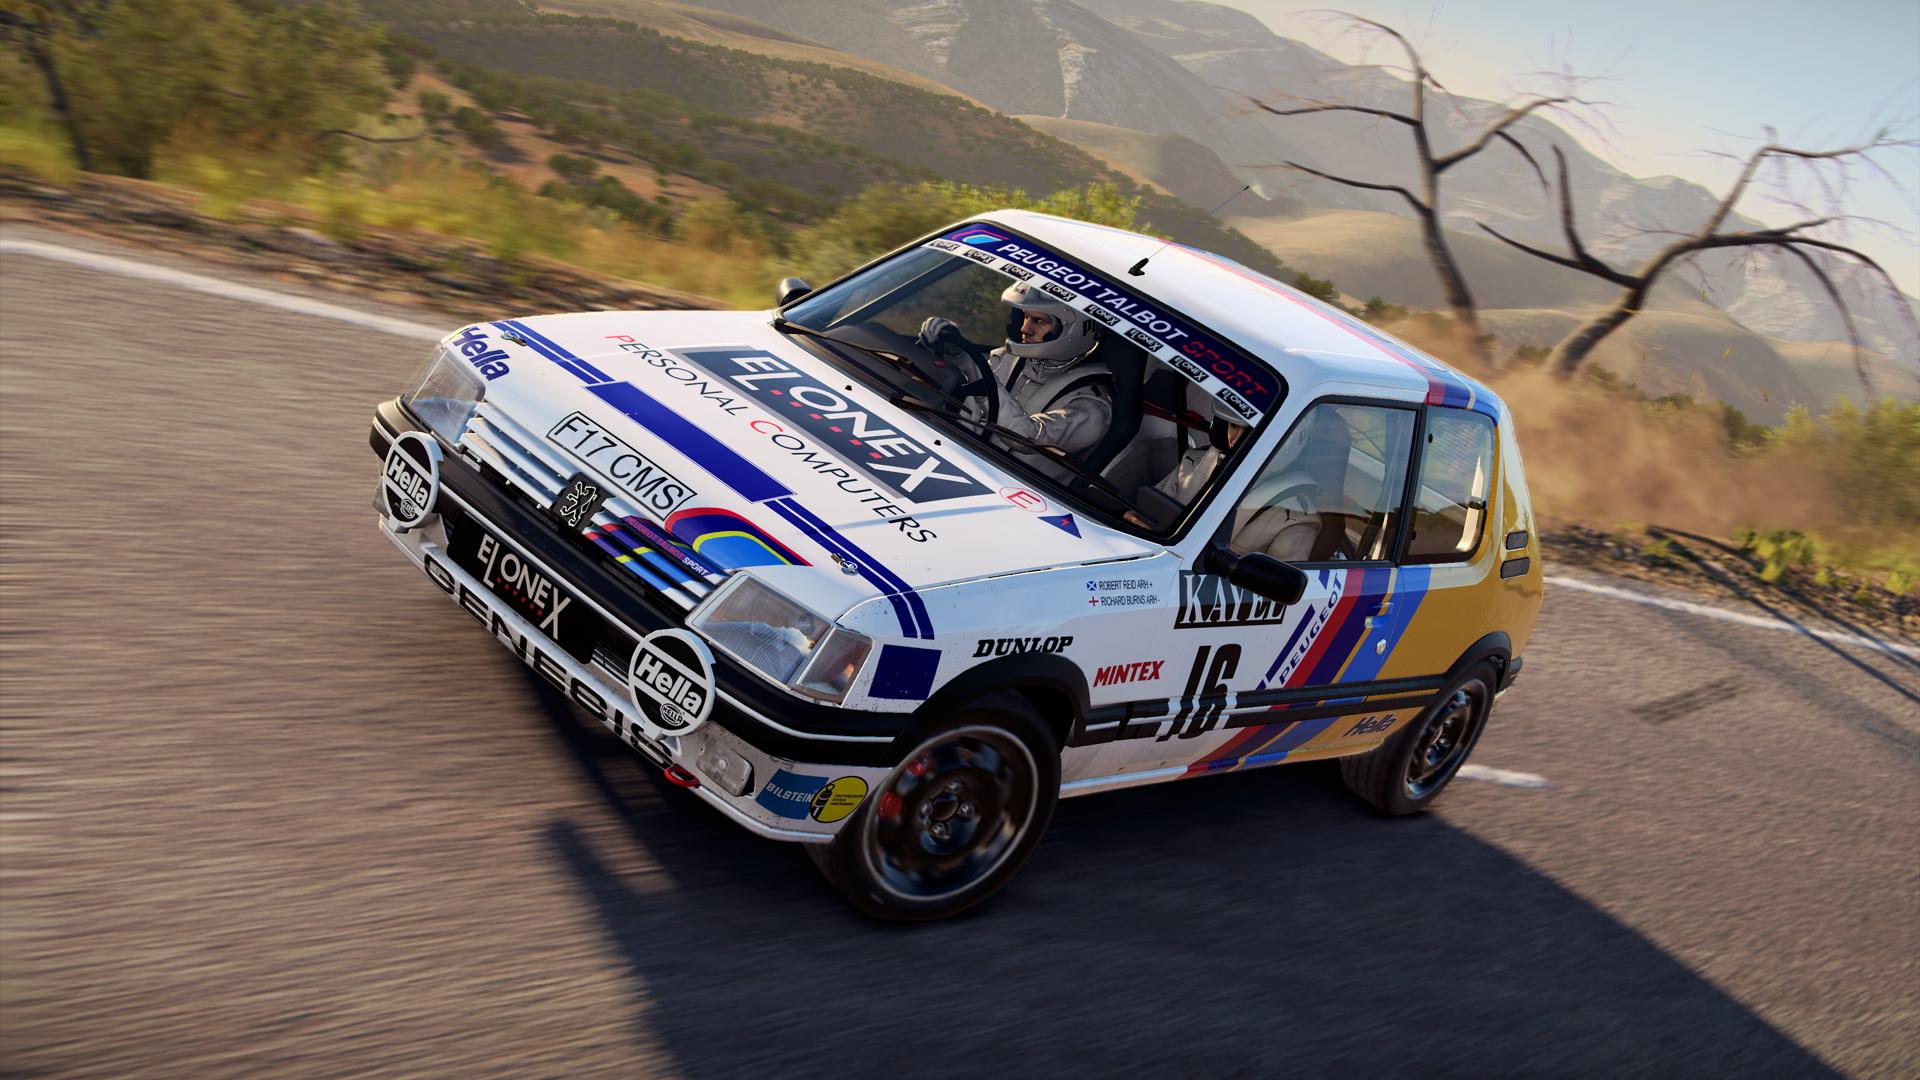 Peugeot 205 rally car Dirt 4